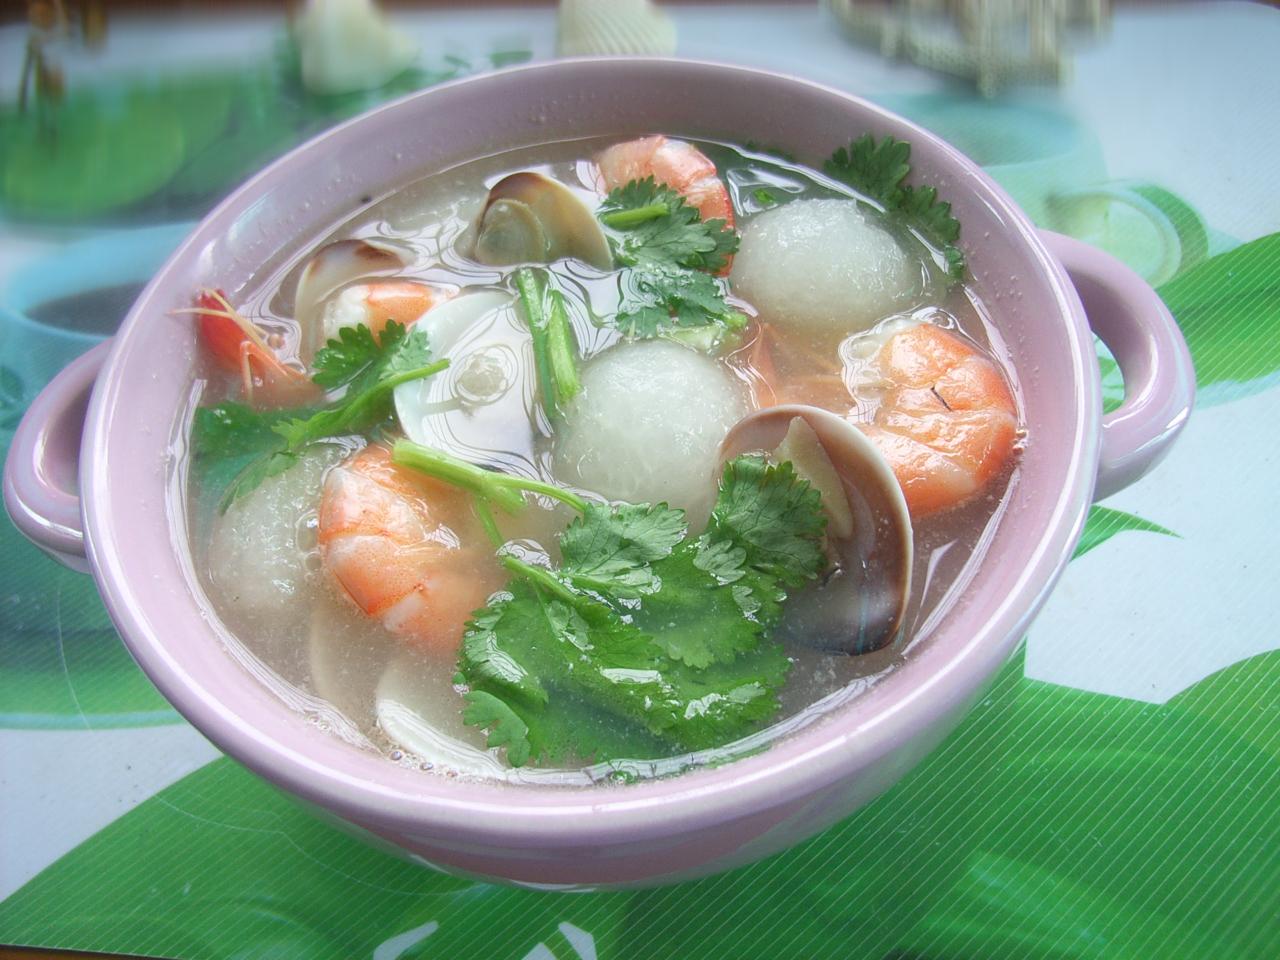 冬瓜海鲜汤的做法_海鲜冬瓜汤的做法_【图解】海鲜冬瓜汤怎么做如何做好吃_海鲜